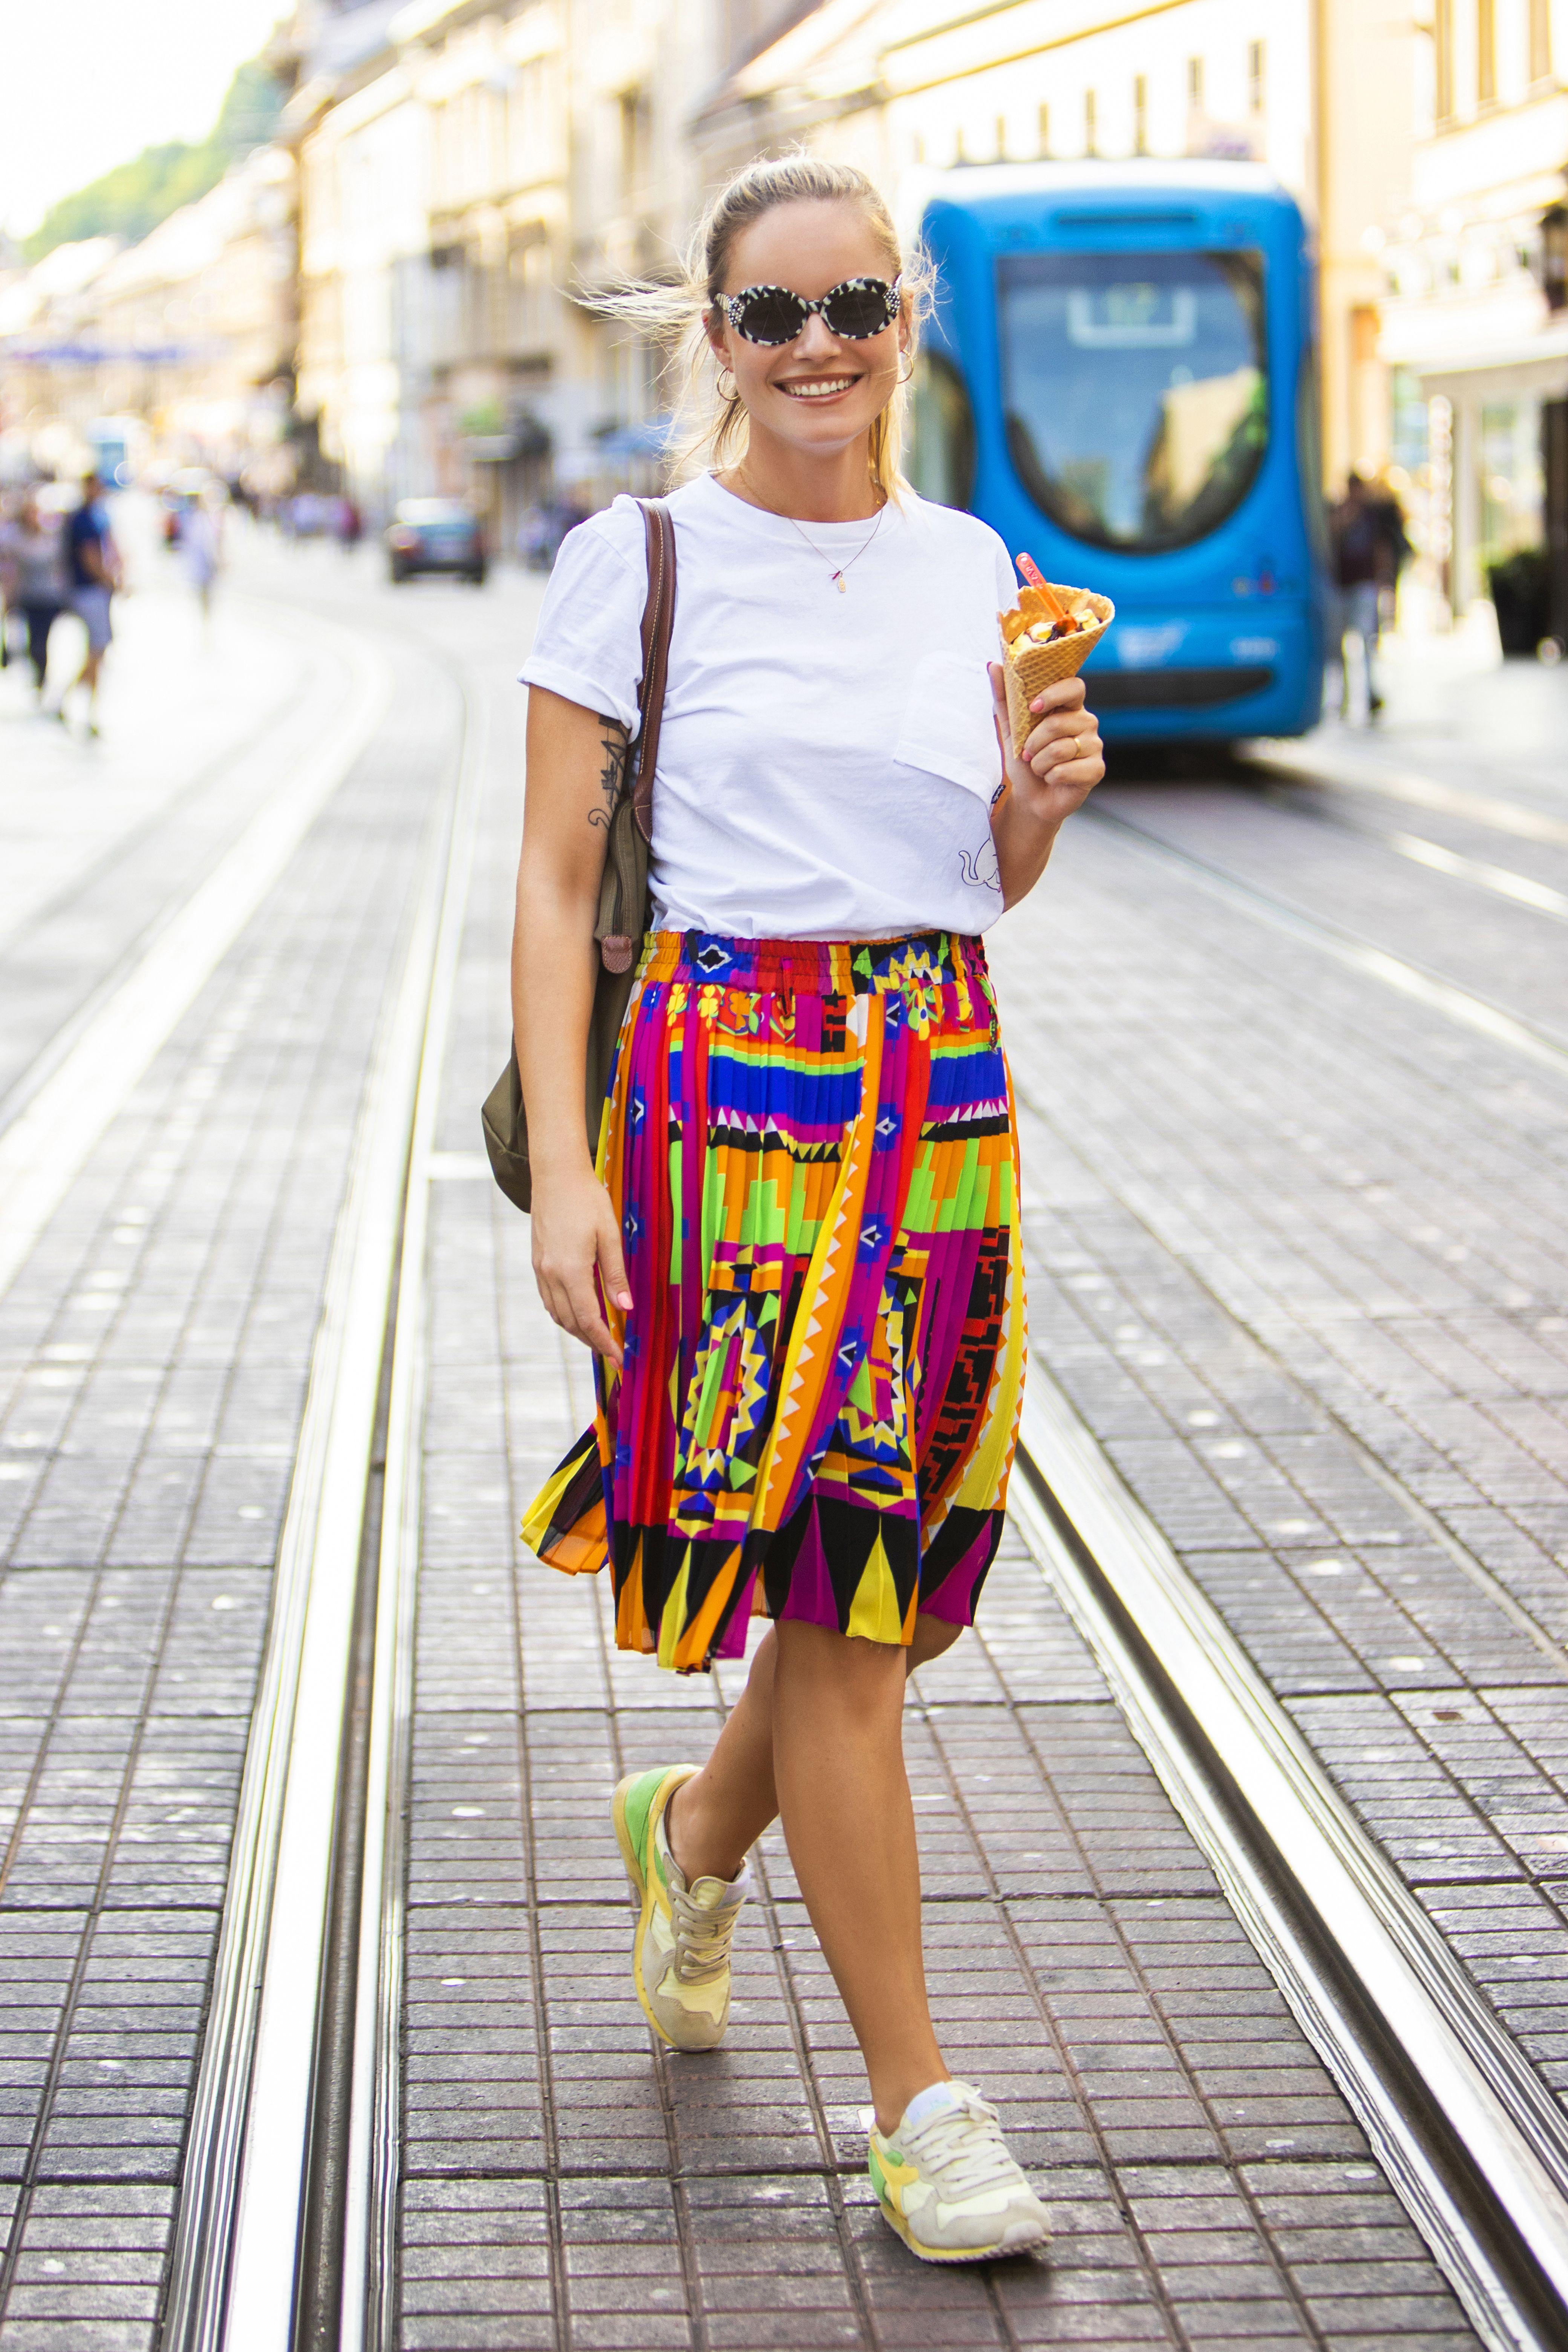 Nina Mia Čikeš: 'Dan mi je započeo kaosom, odlučila sam taj kaos odagnati šarenilom'